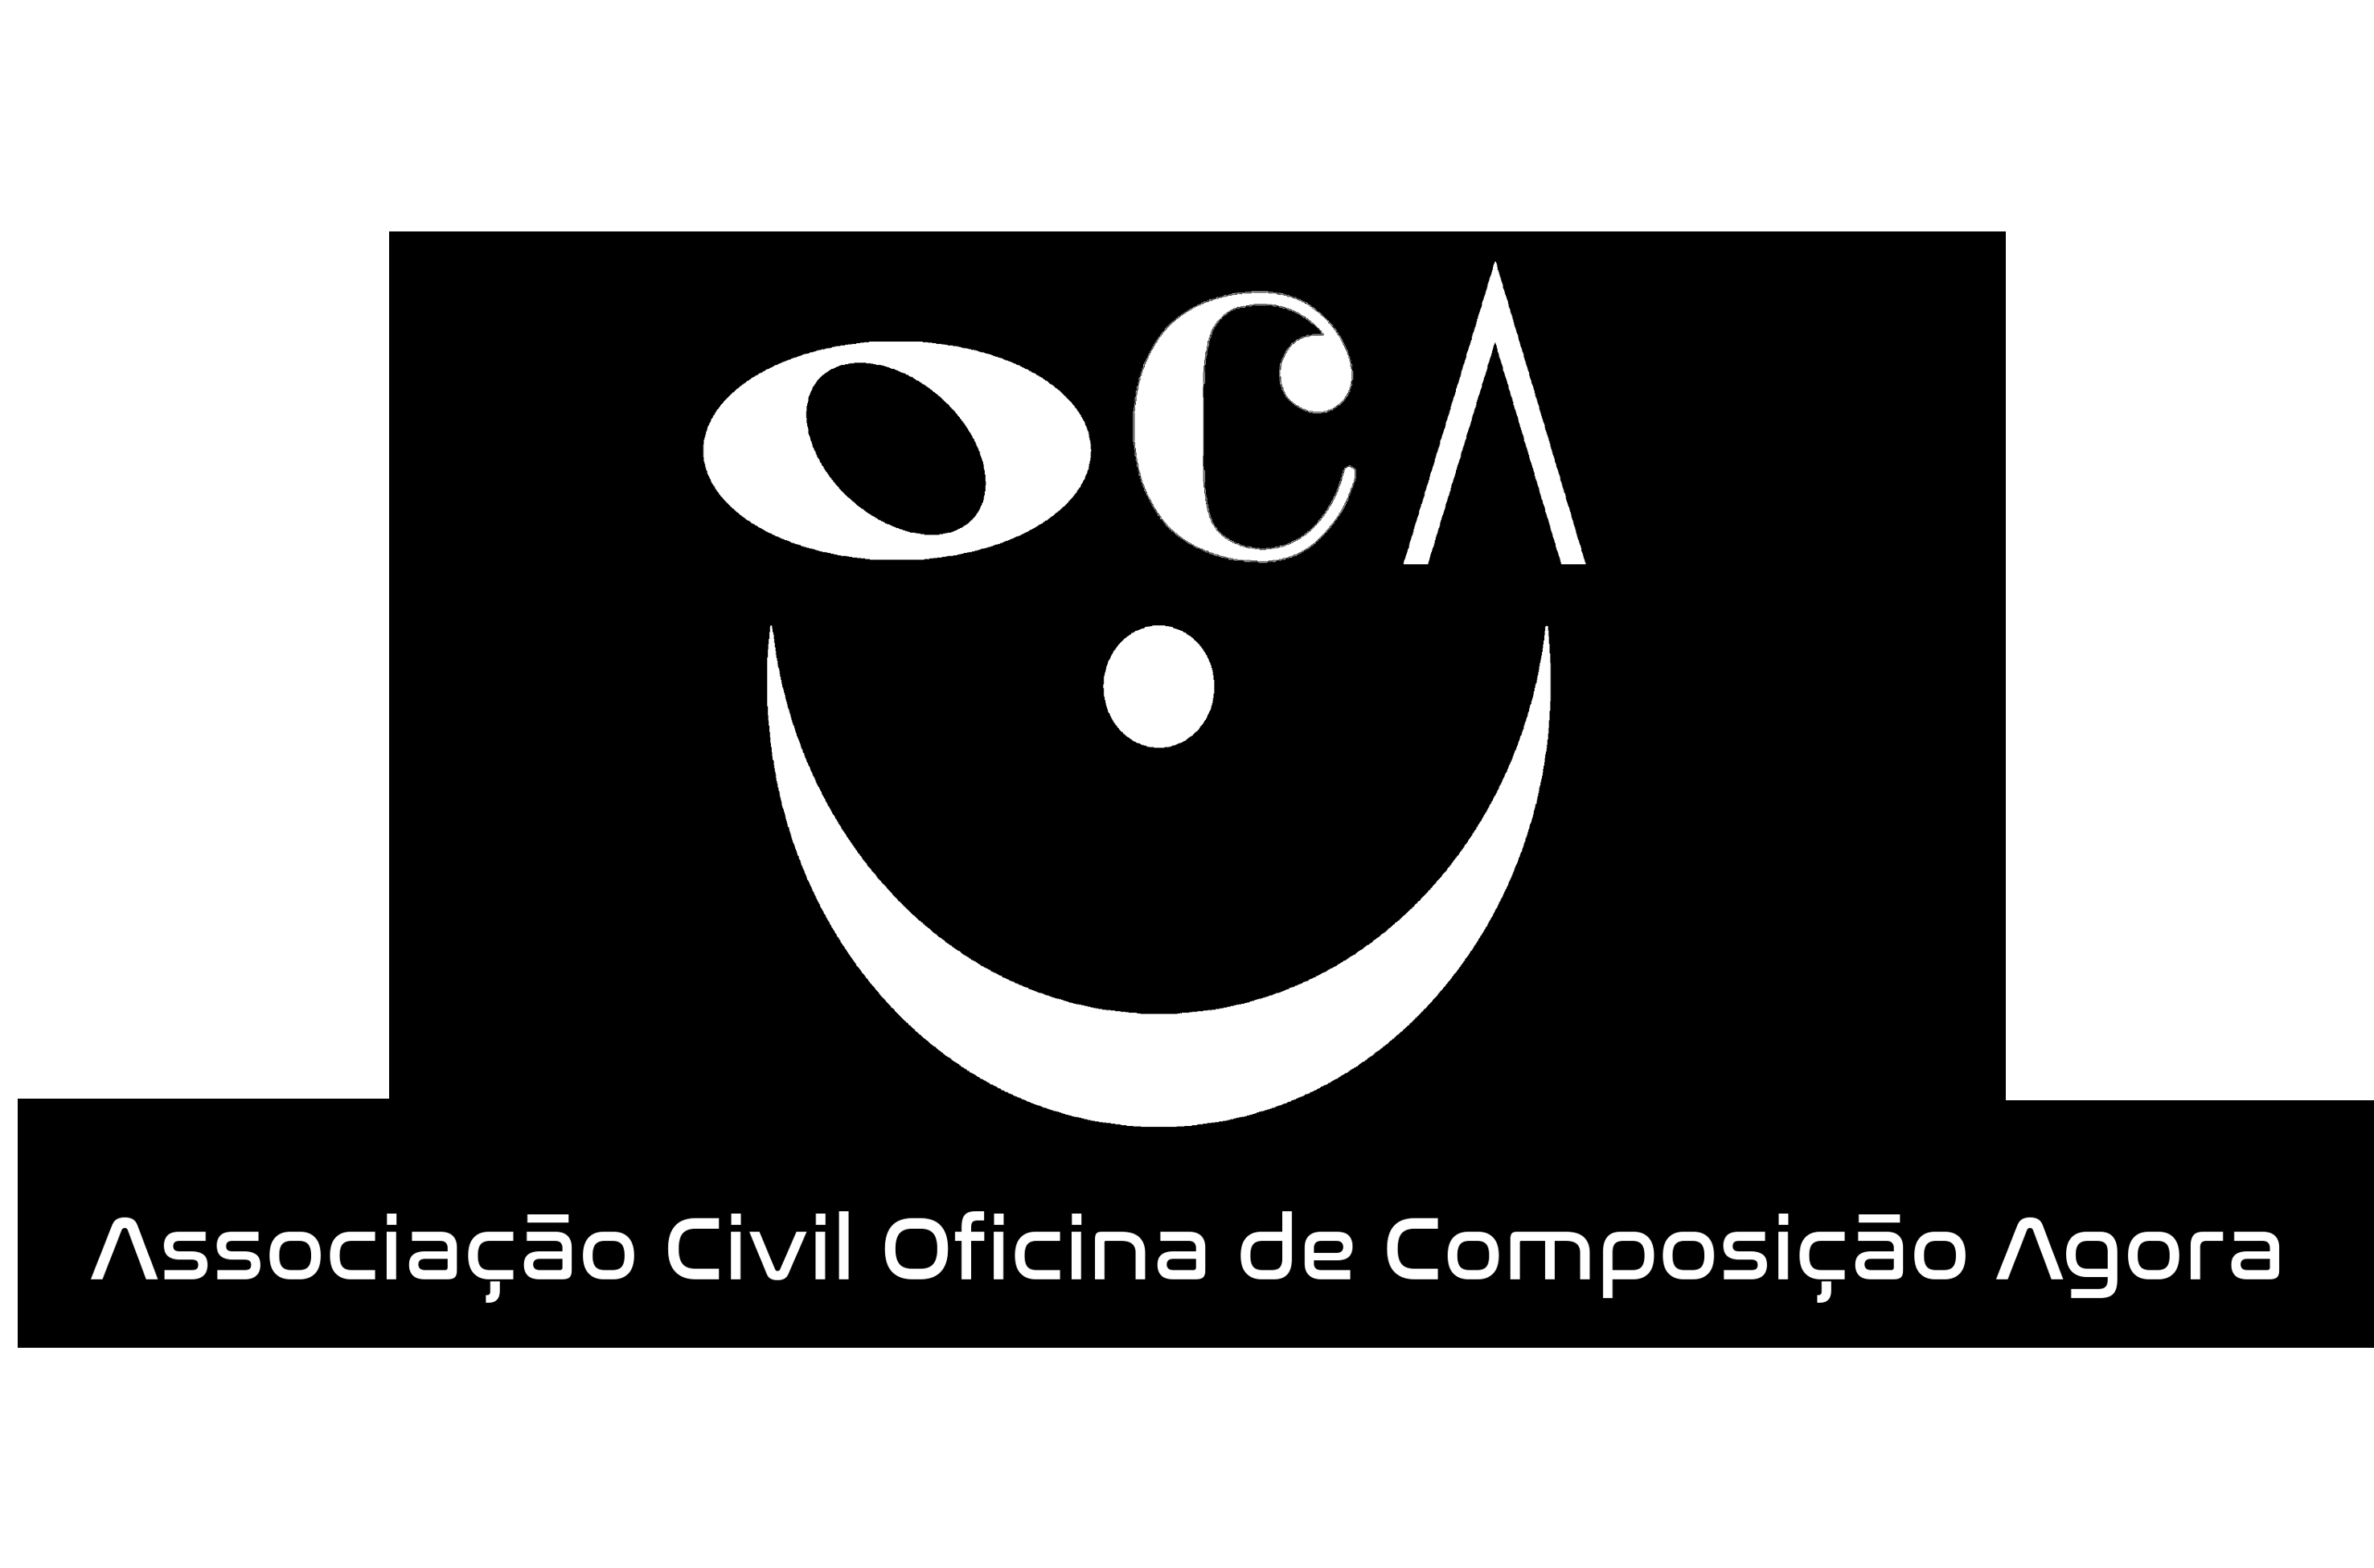 OCA – Associação Civil Oficina de Composição Agora